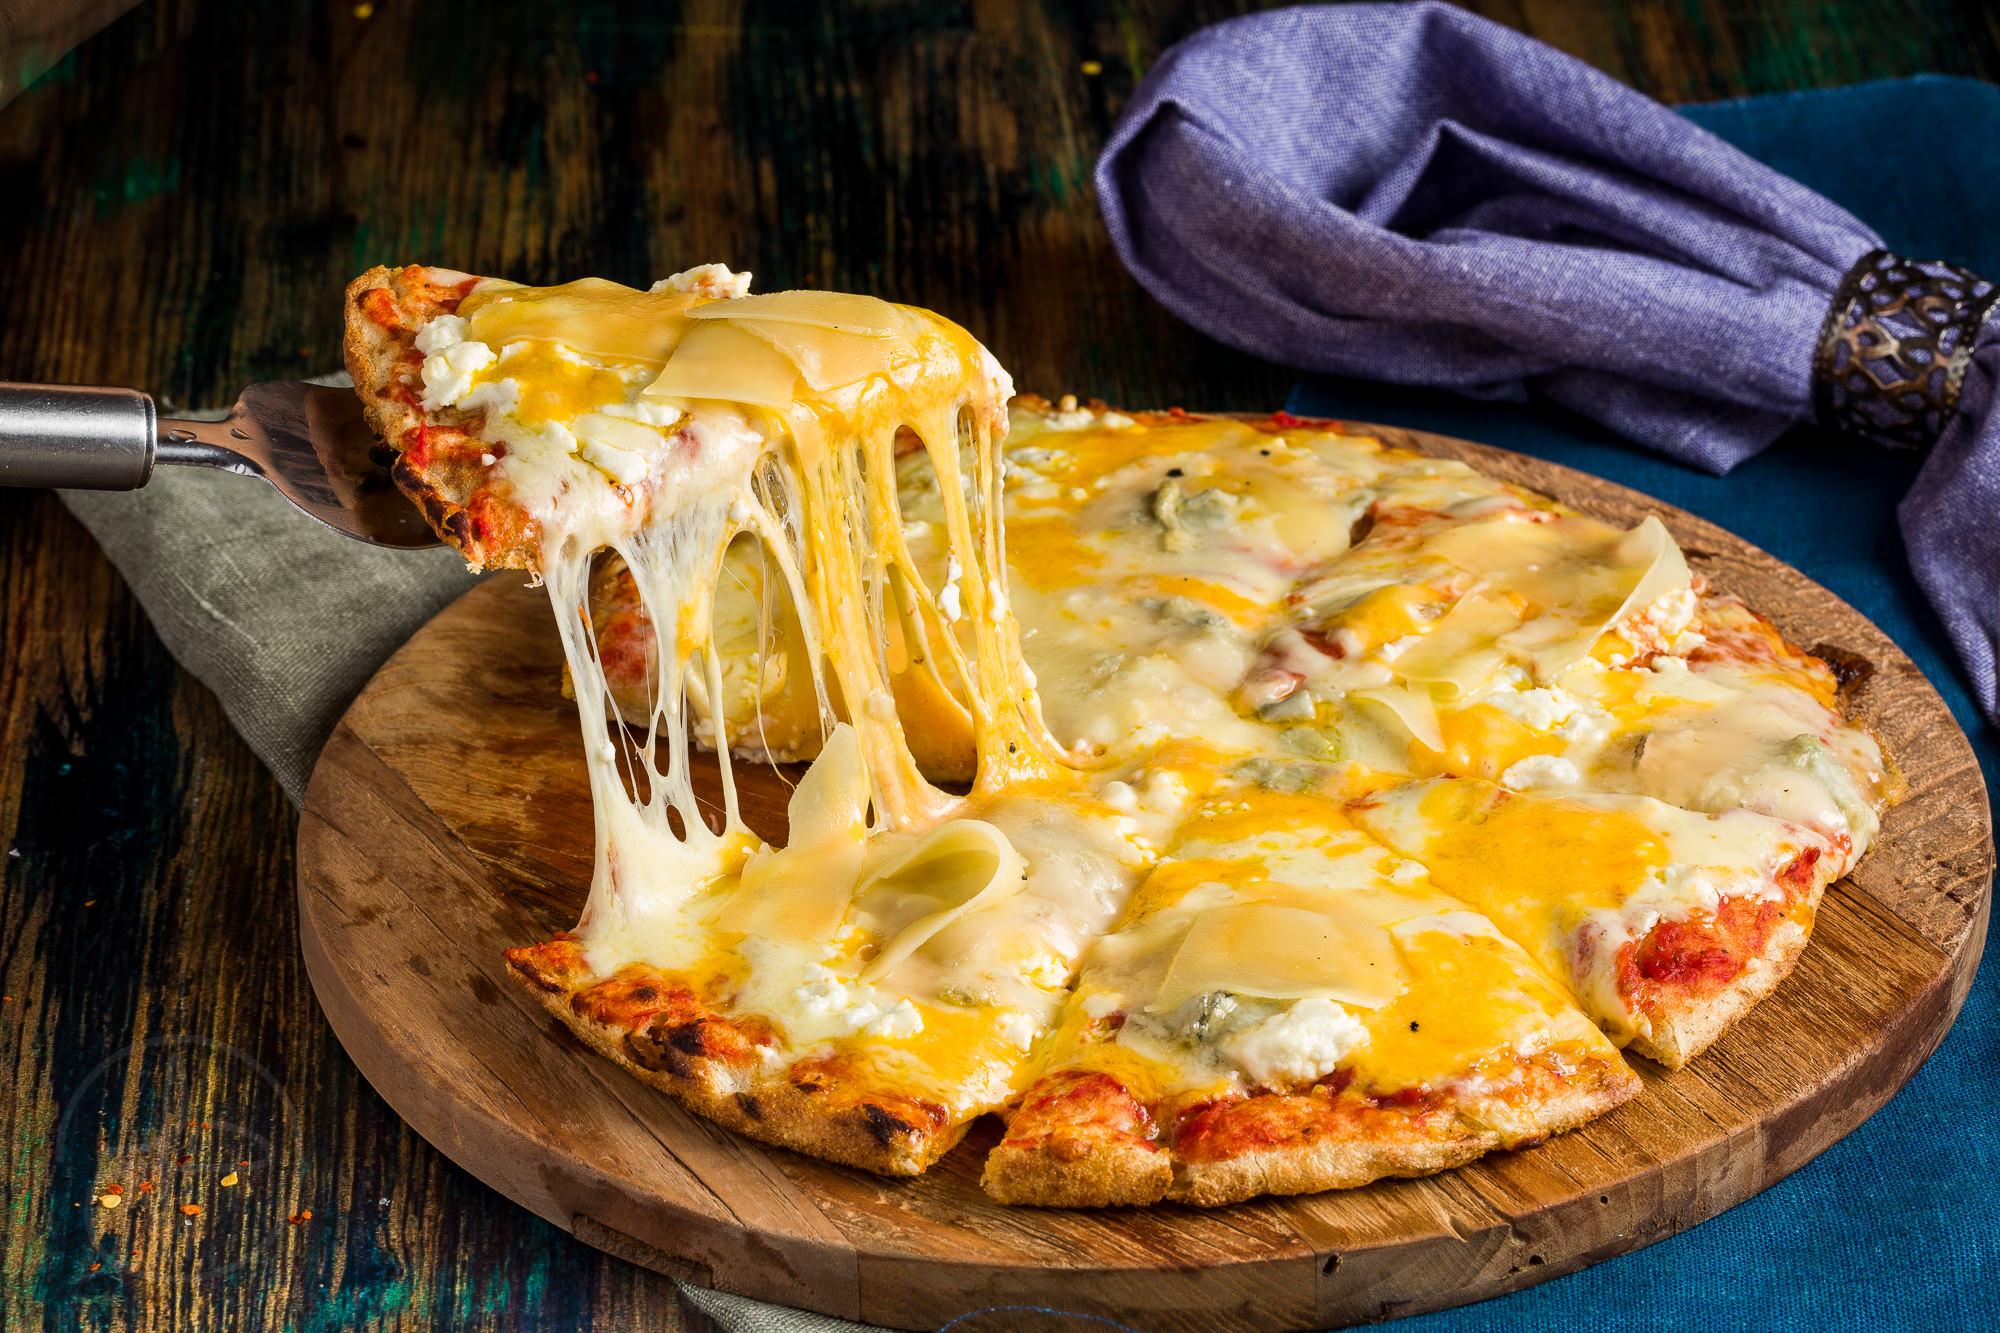 Pizza pe un blat de lemn cu o felie trasa din ea